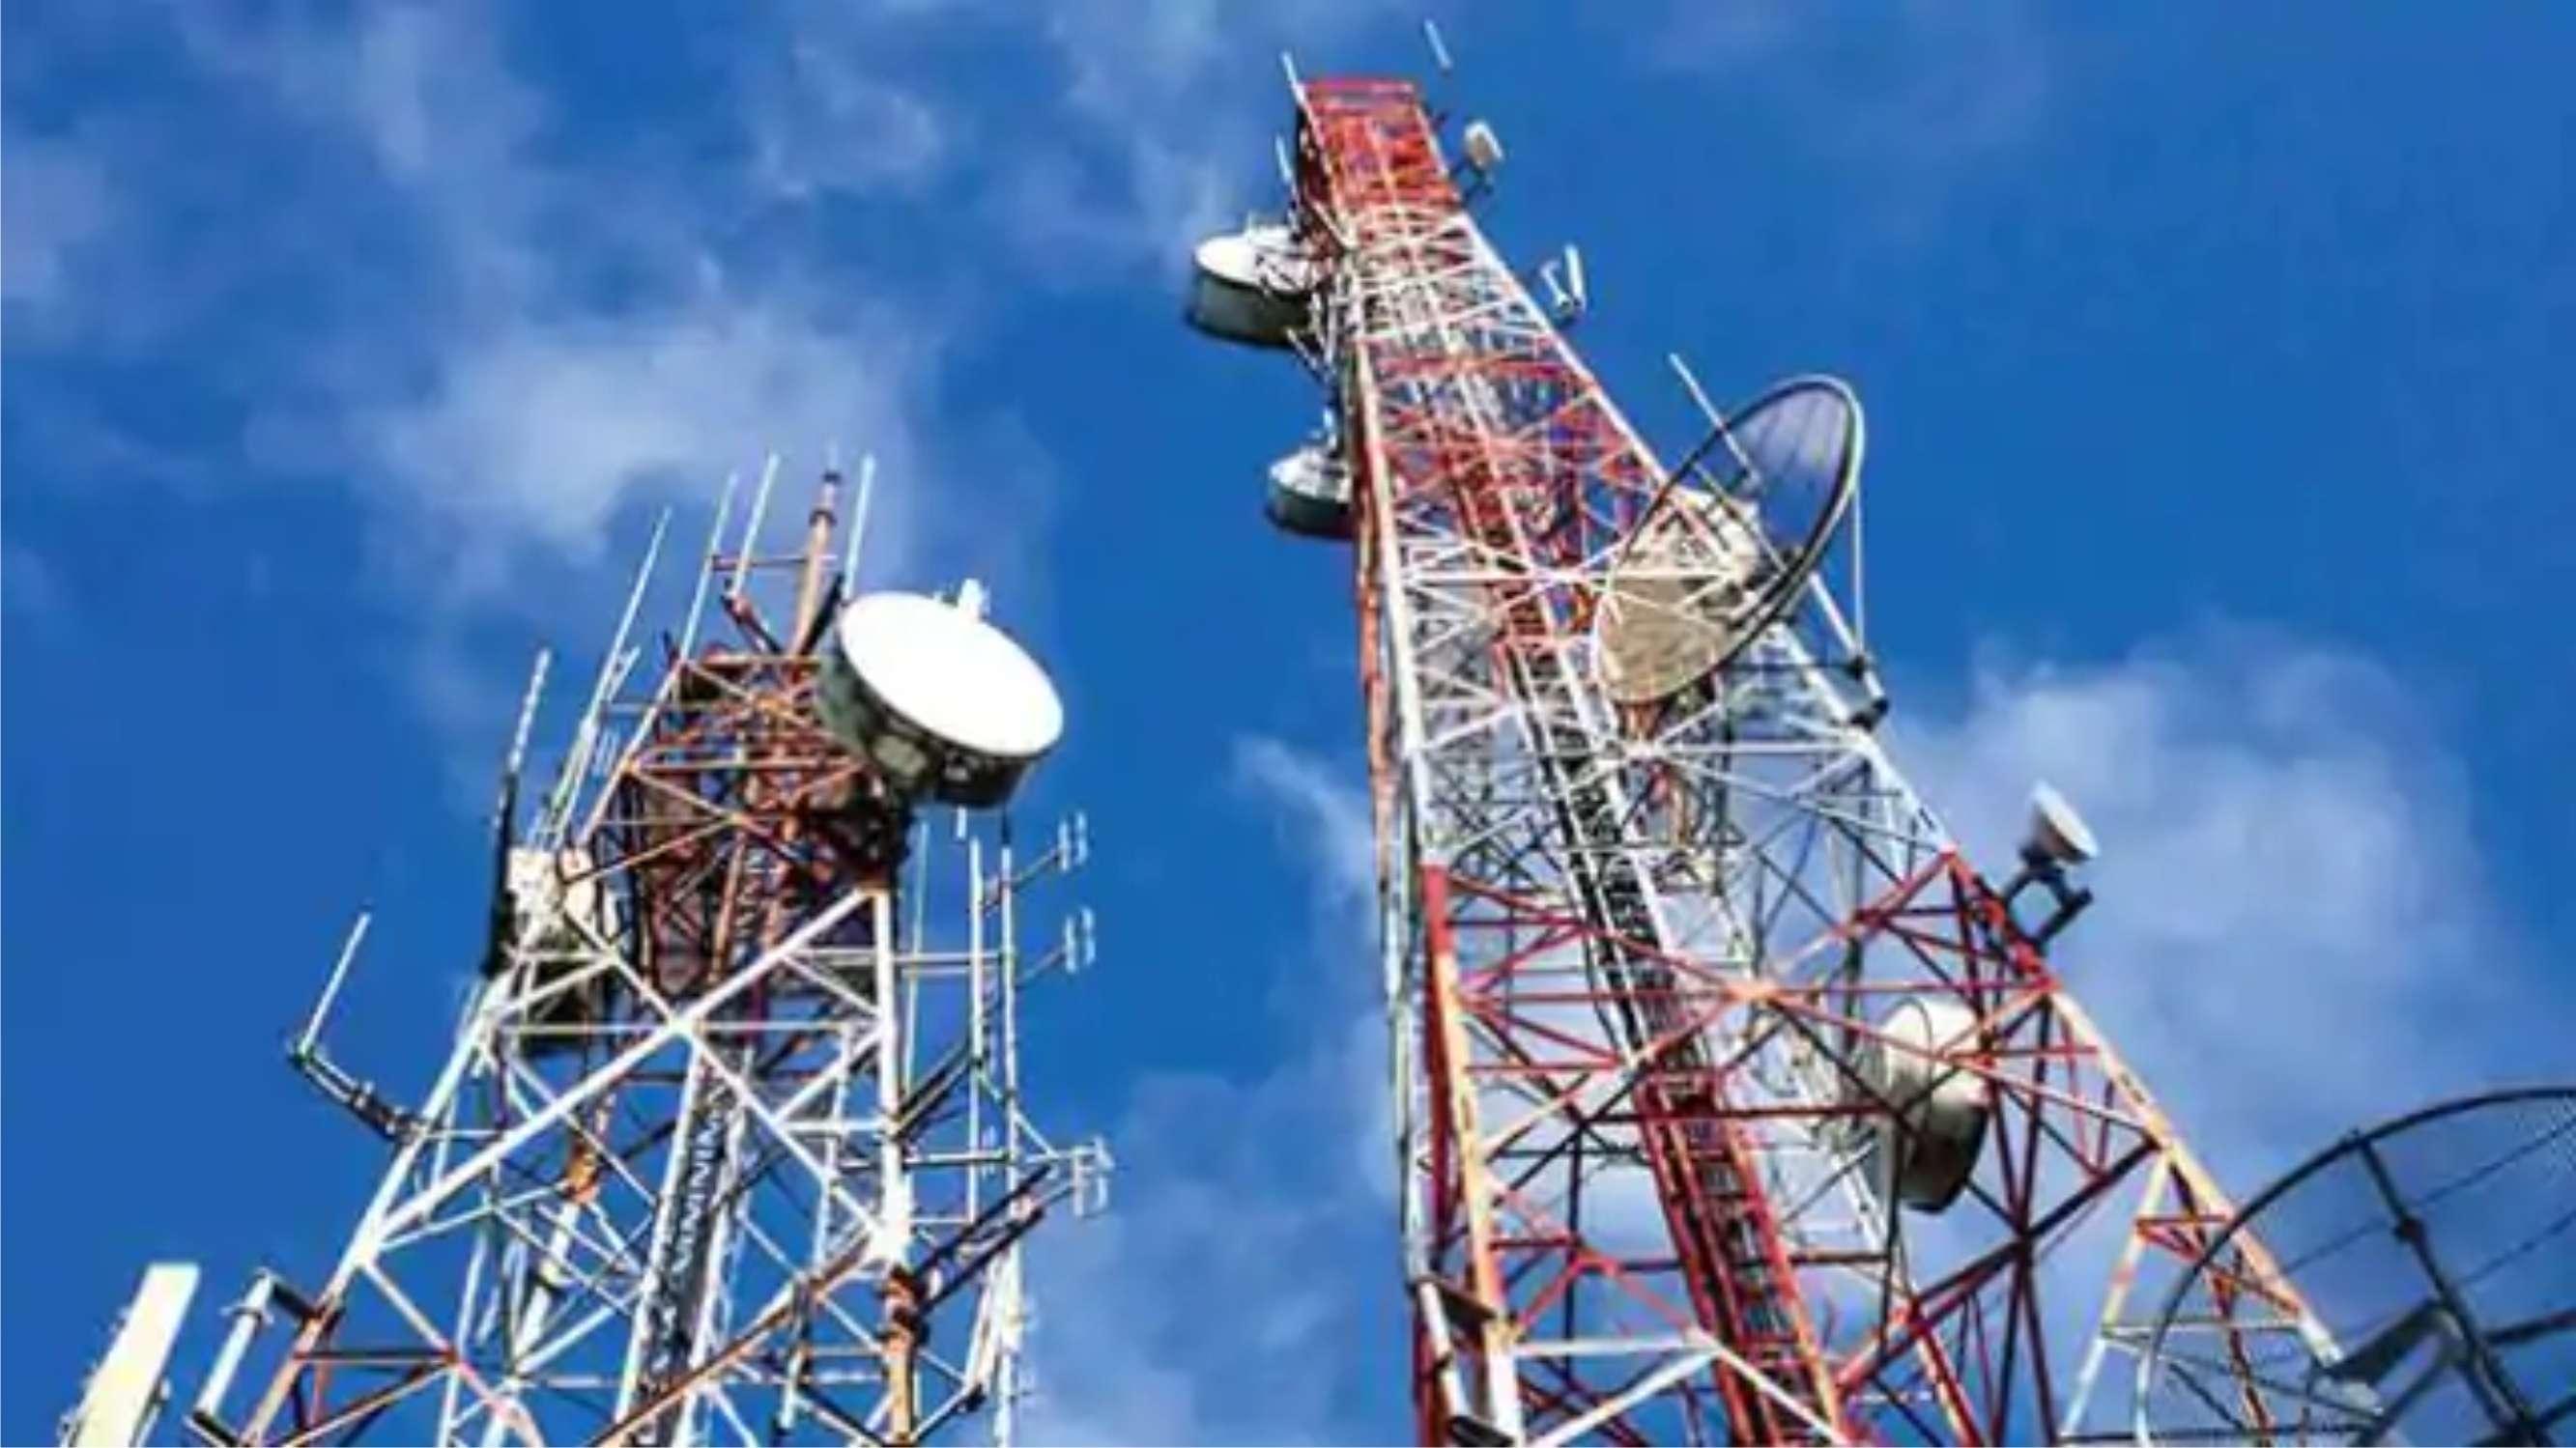 मोबाइल टावर लगवाने की सोच रहे हैं तो हो जाएं सावधान, NOC के नाम पर हो रहा फर्जीवाड़ा</p>